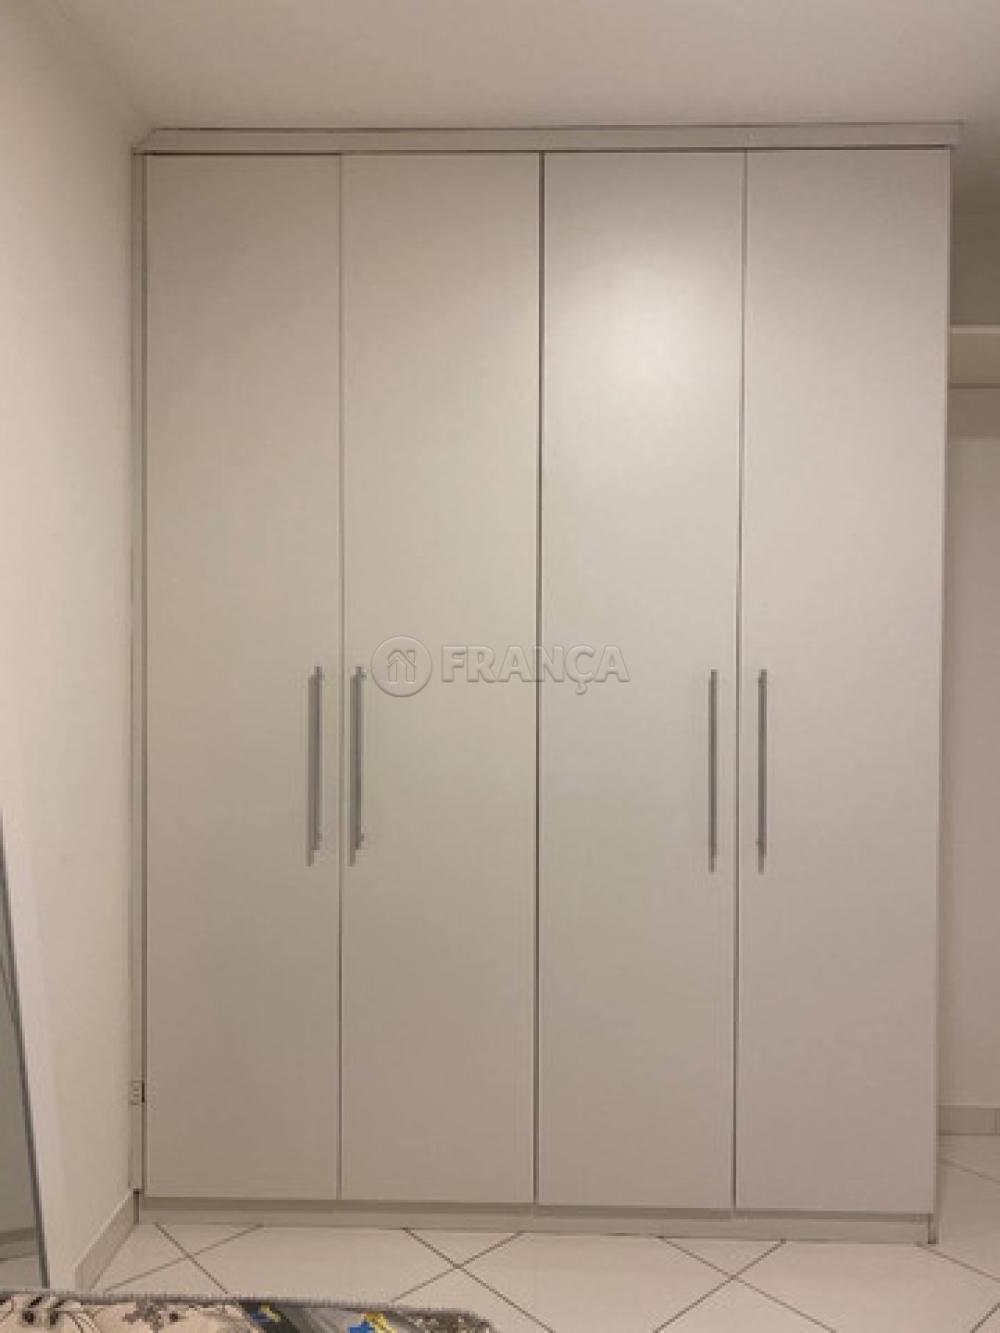 Comprar Apartamento / Padrão em São José dos Campos apenas R$ 198.000,00 - Foto 10